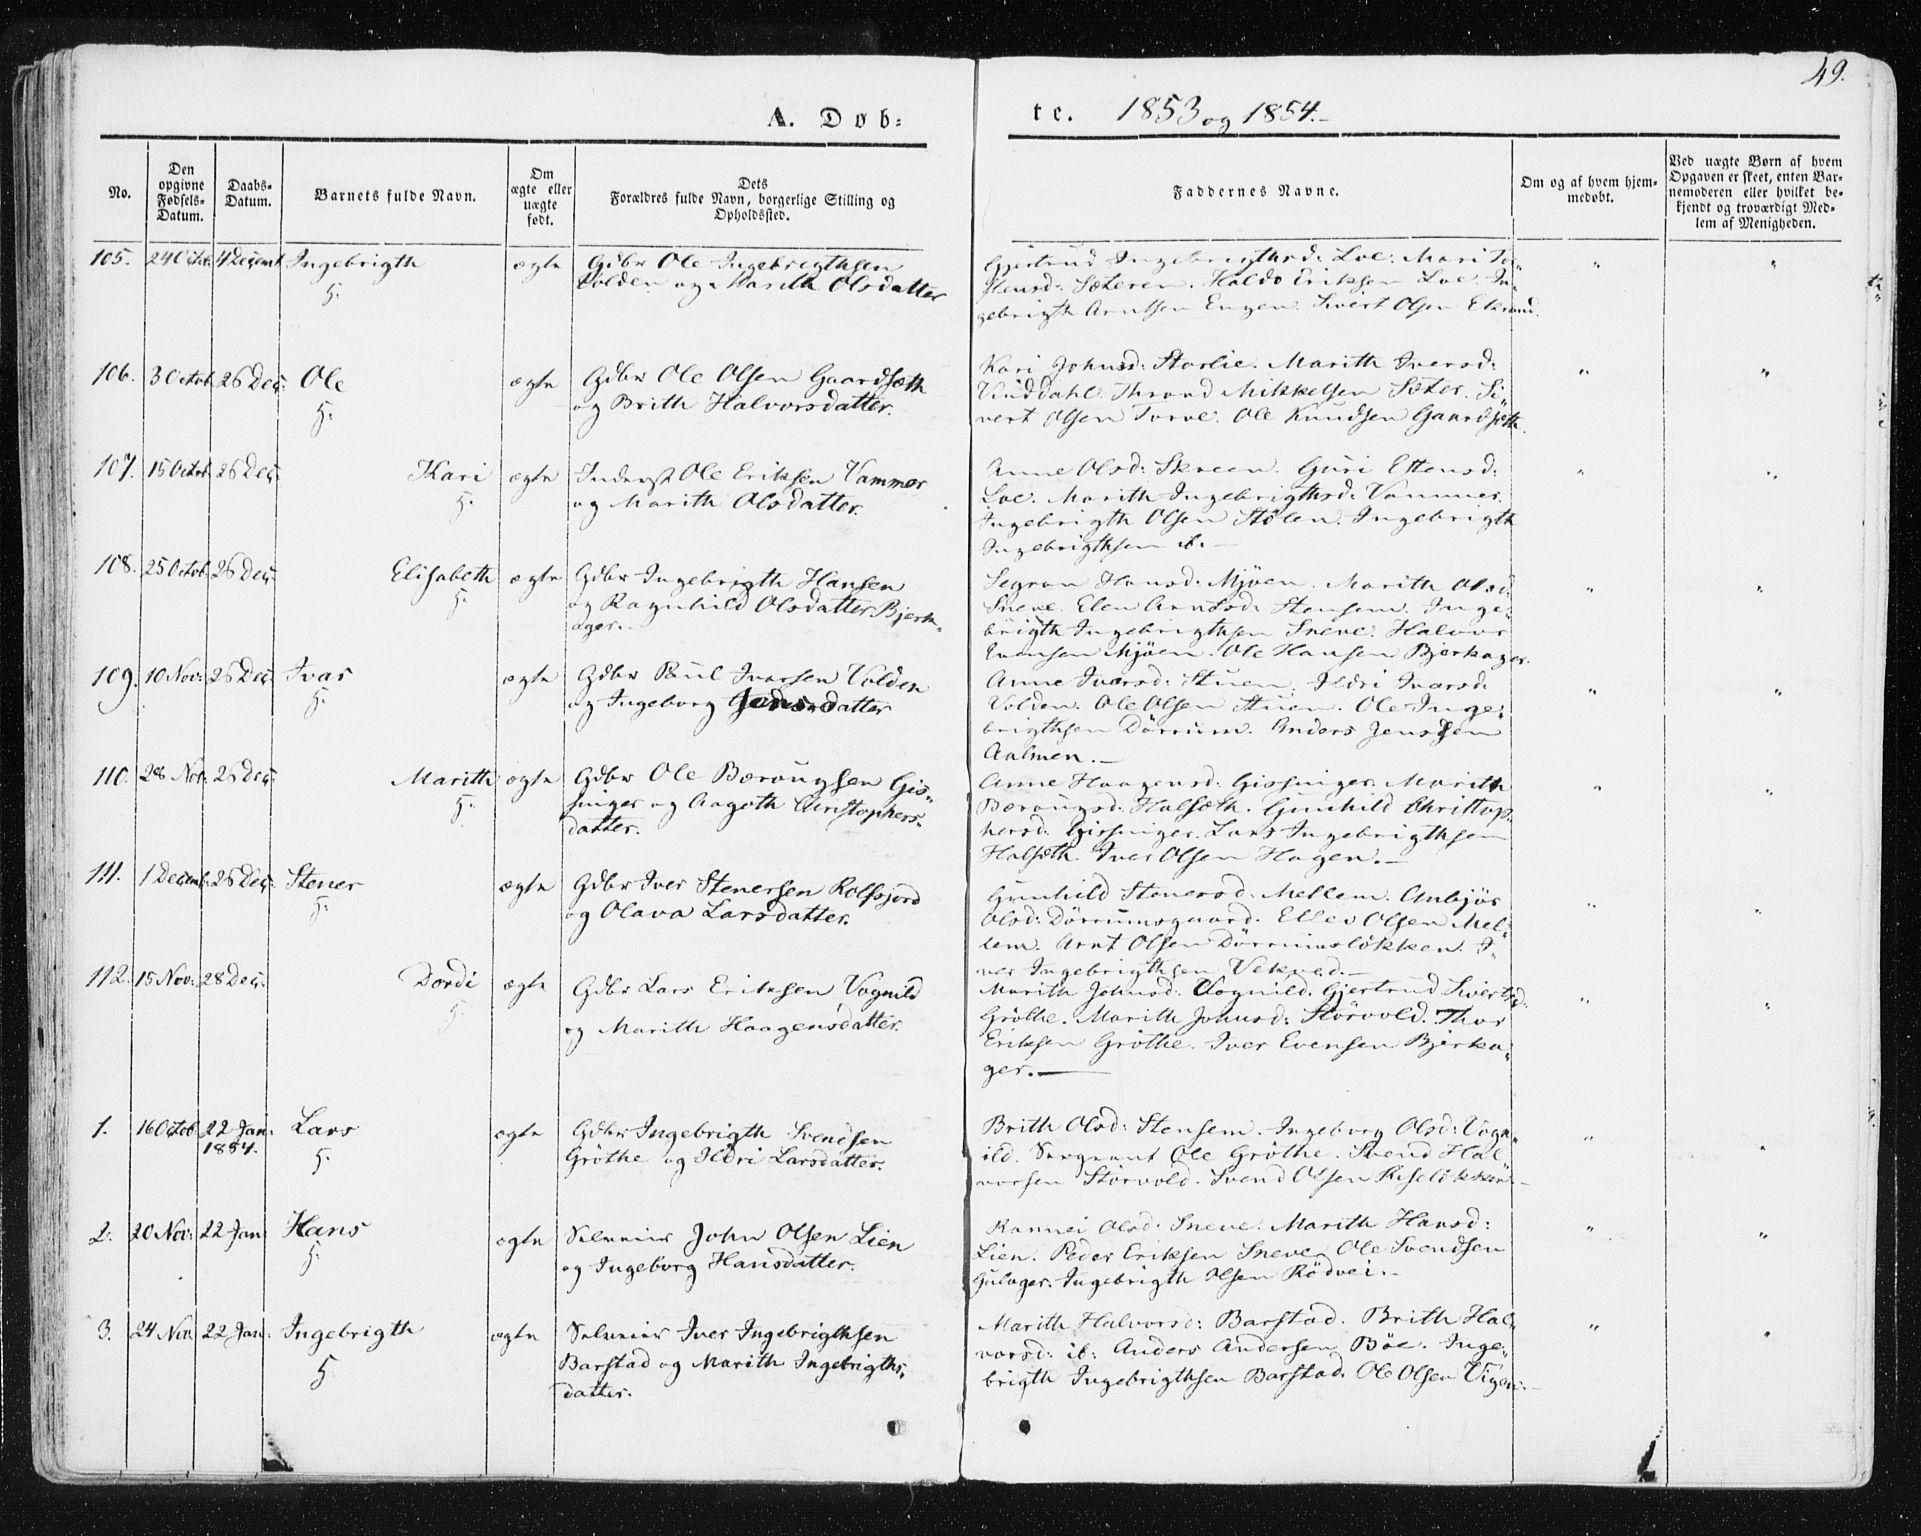 SAT, Ministerialprotokoller, klokkerbøker og fødselsregistre - Sør-Trøndelag, 678/L0899: Ministerialbok nr. 678A08, 1848-1872, s. 49